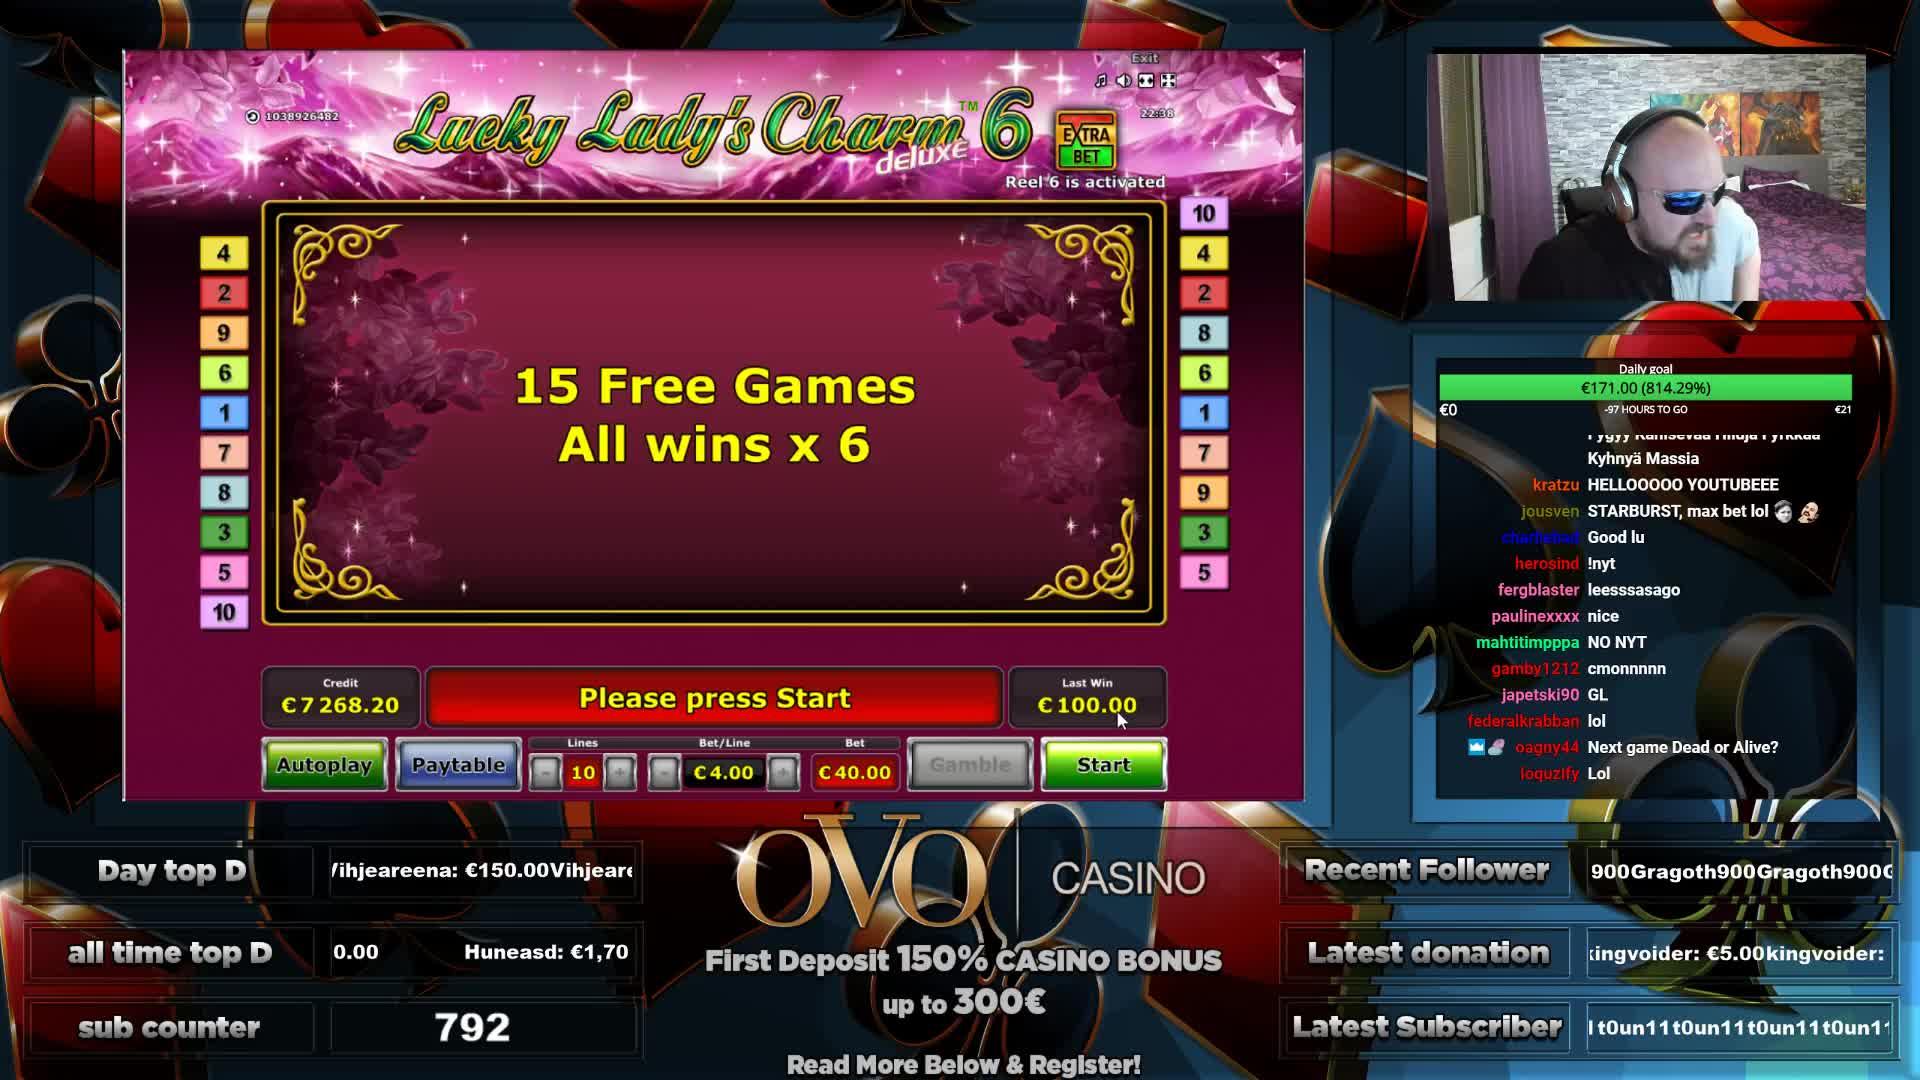 официальный сайт казино плей амо официальный сайт